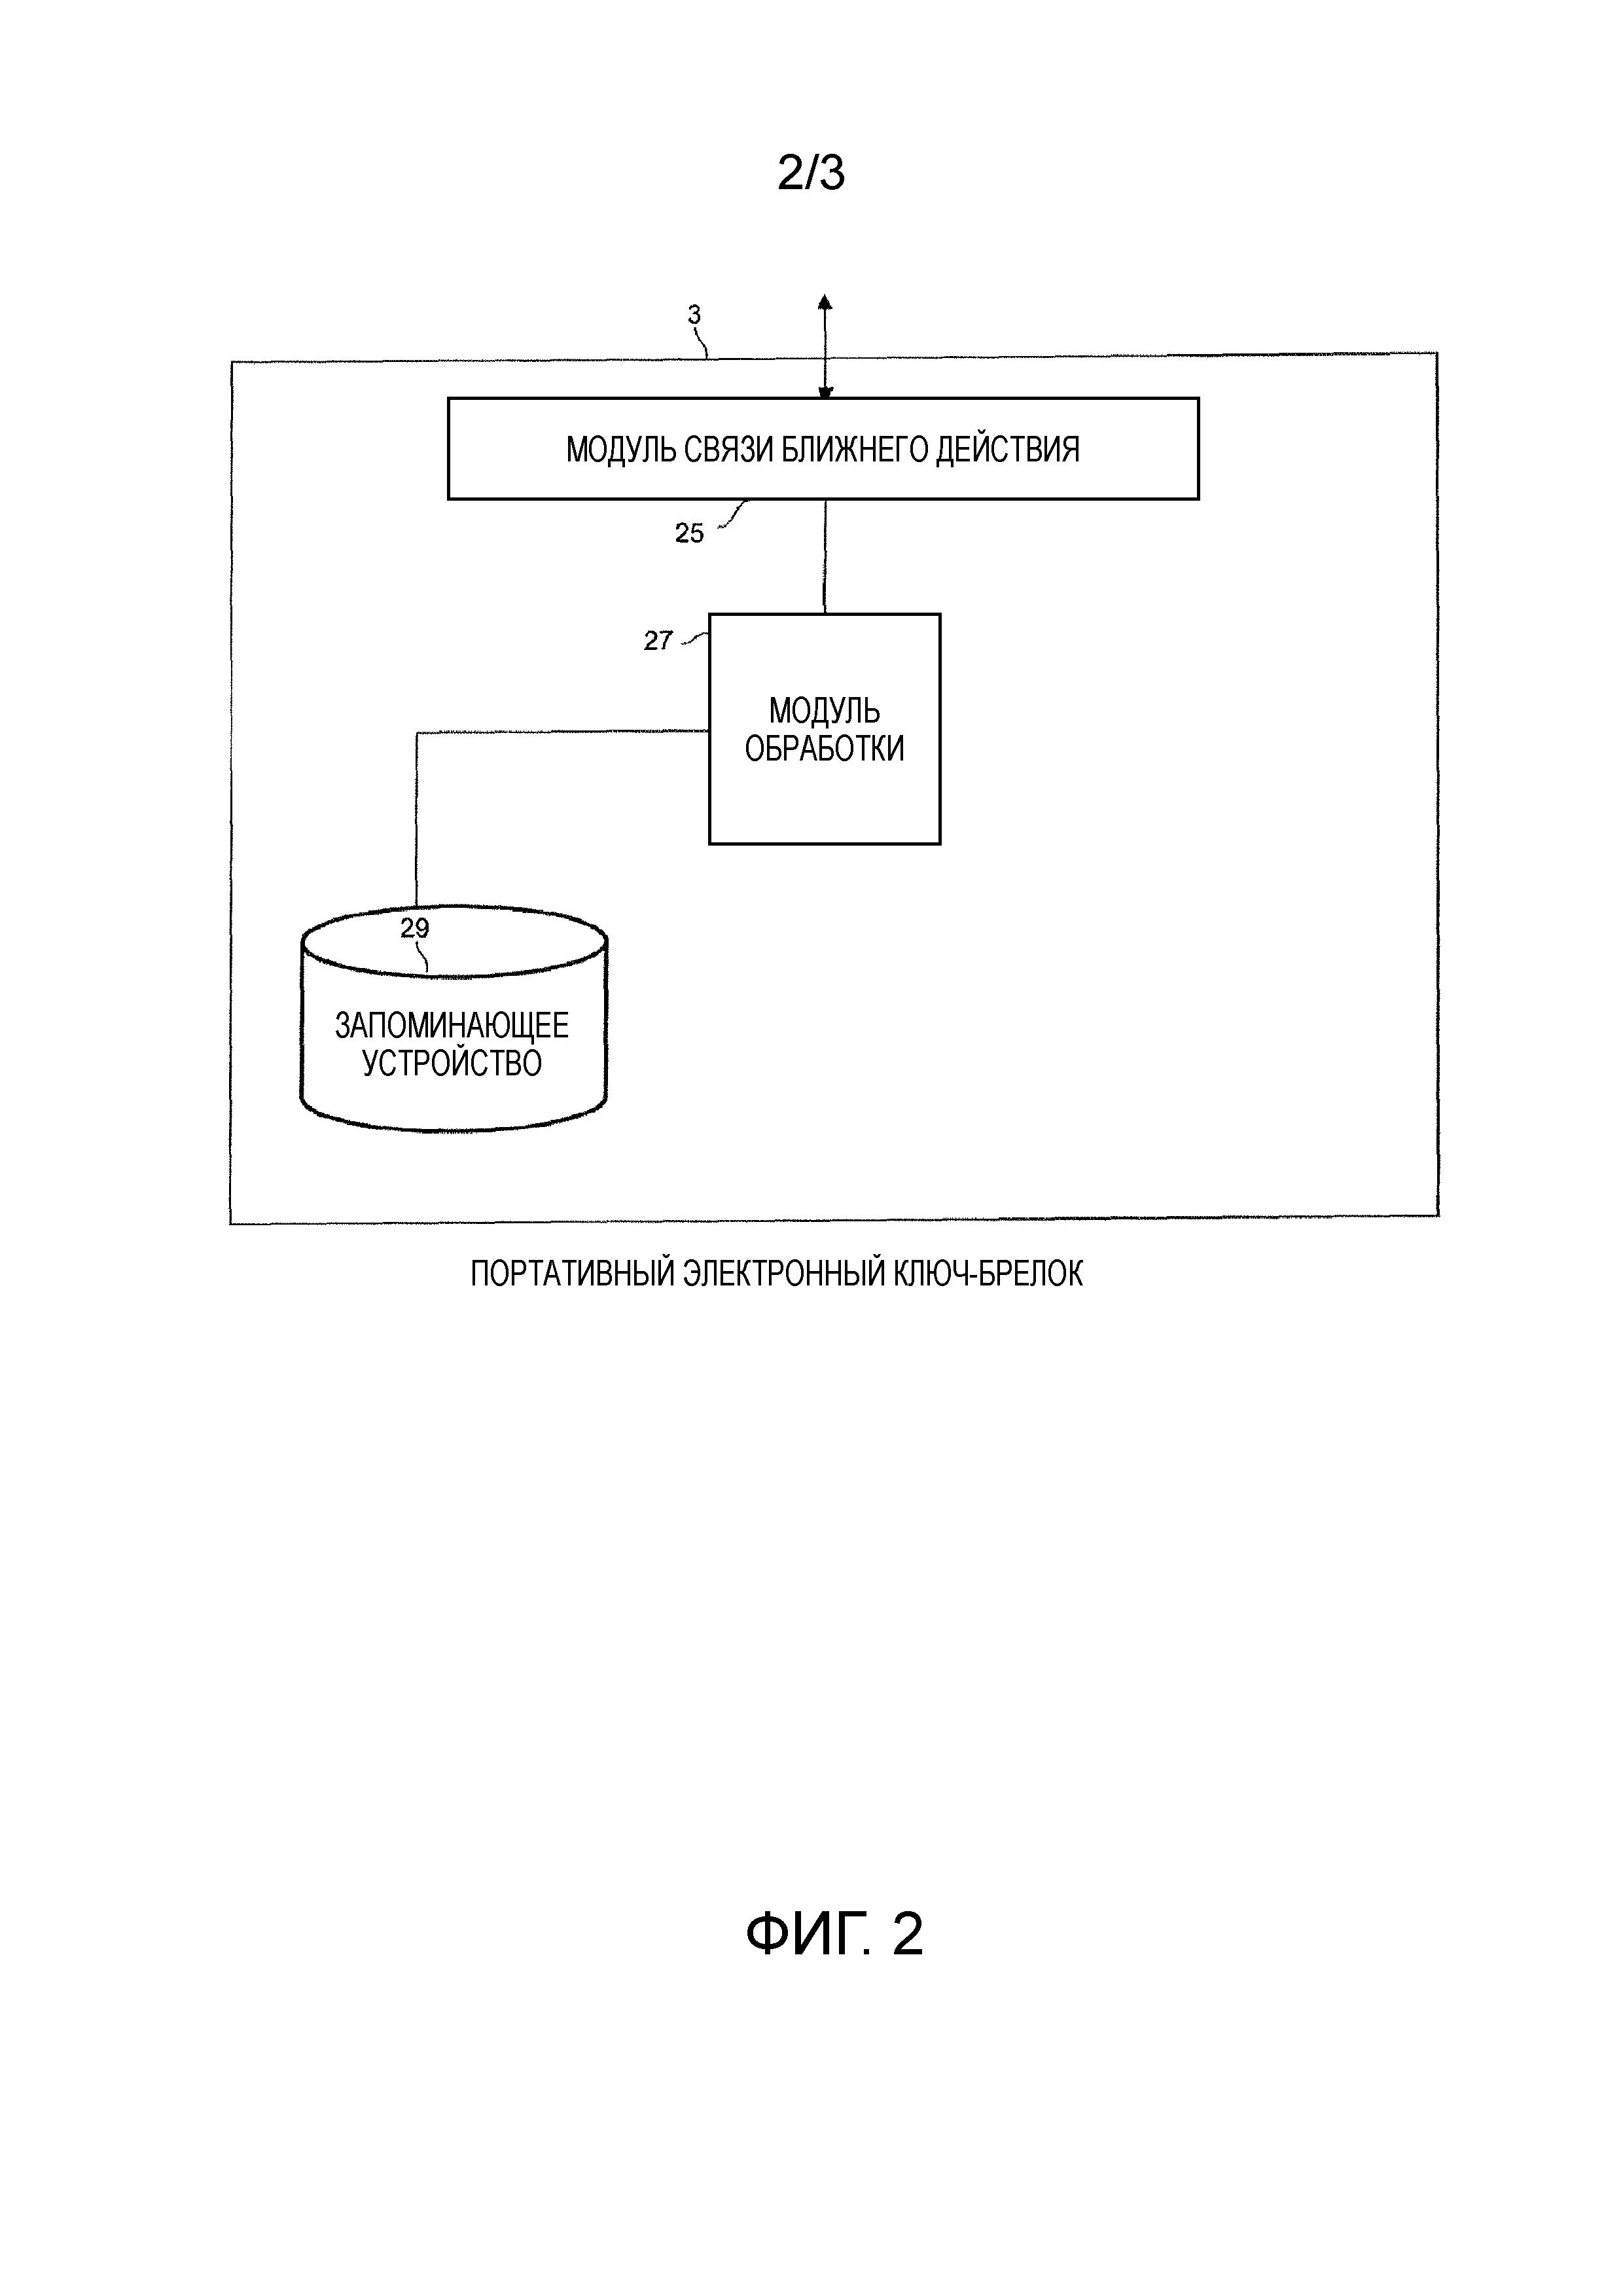 Система снабжения устройства контентом